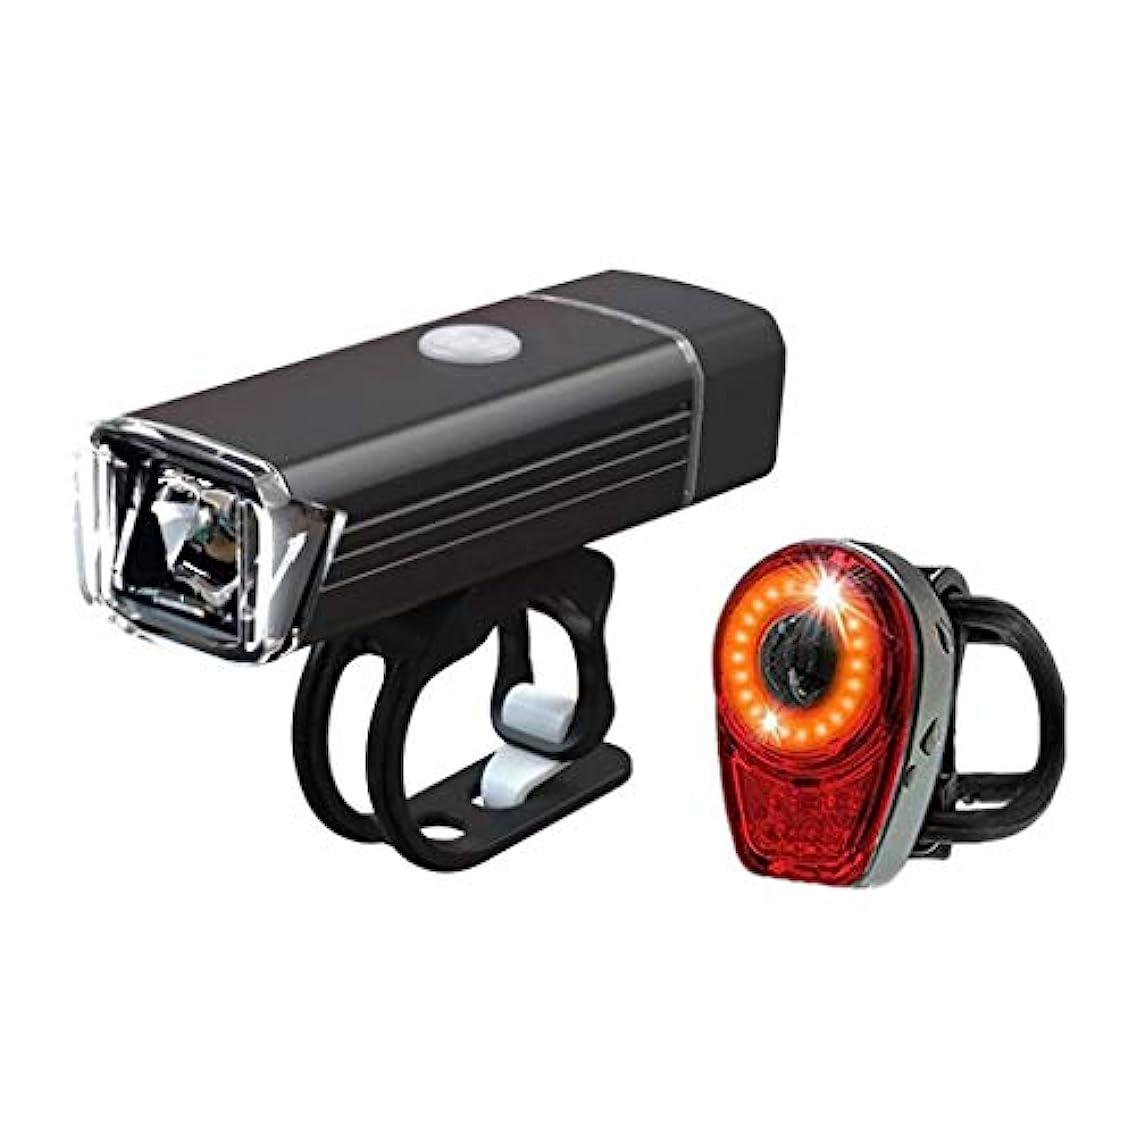 結論オーブン時計自転車ライトセット USB充電式, マウンテンバイ クヘッドライト スーパーブライト 300ルーメン, 自転車ヘッドライト無料テールライト